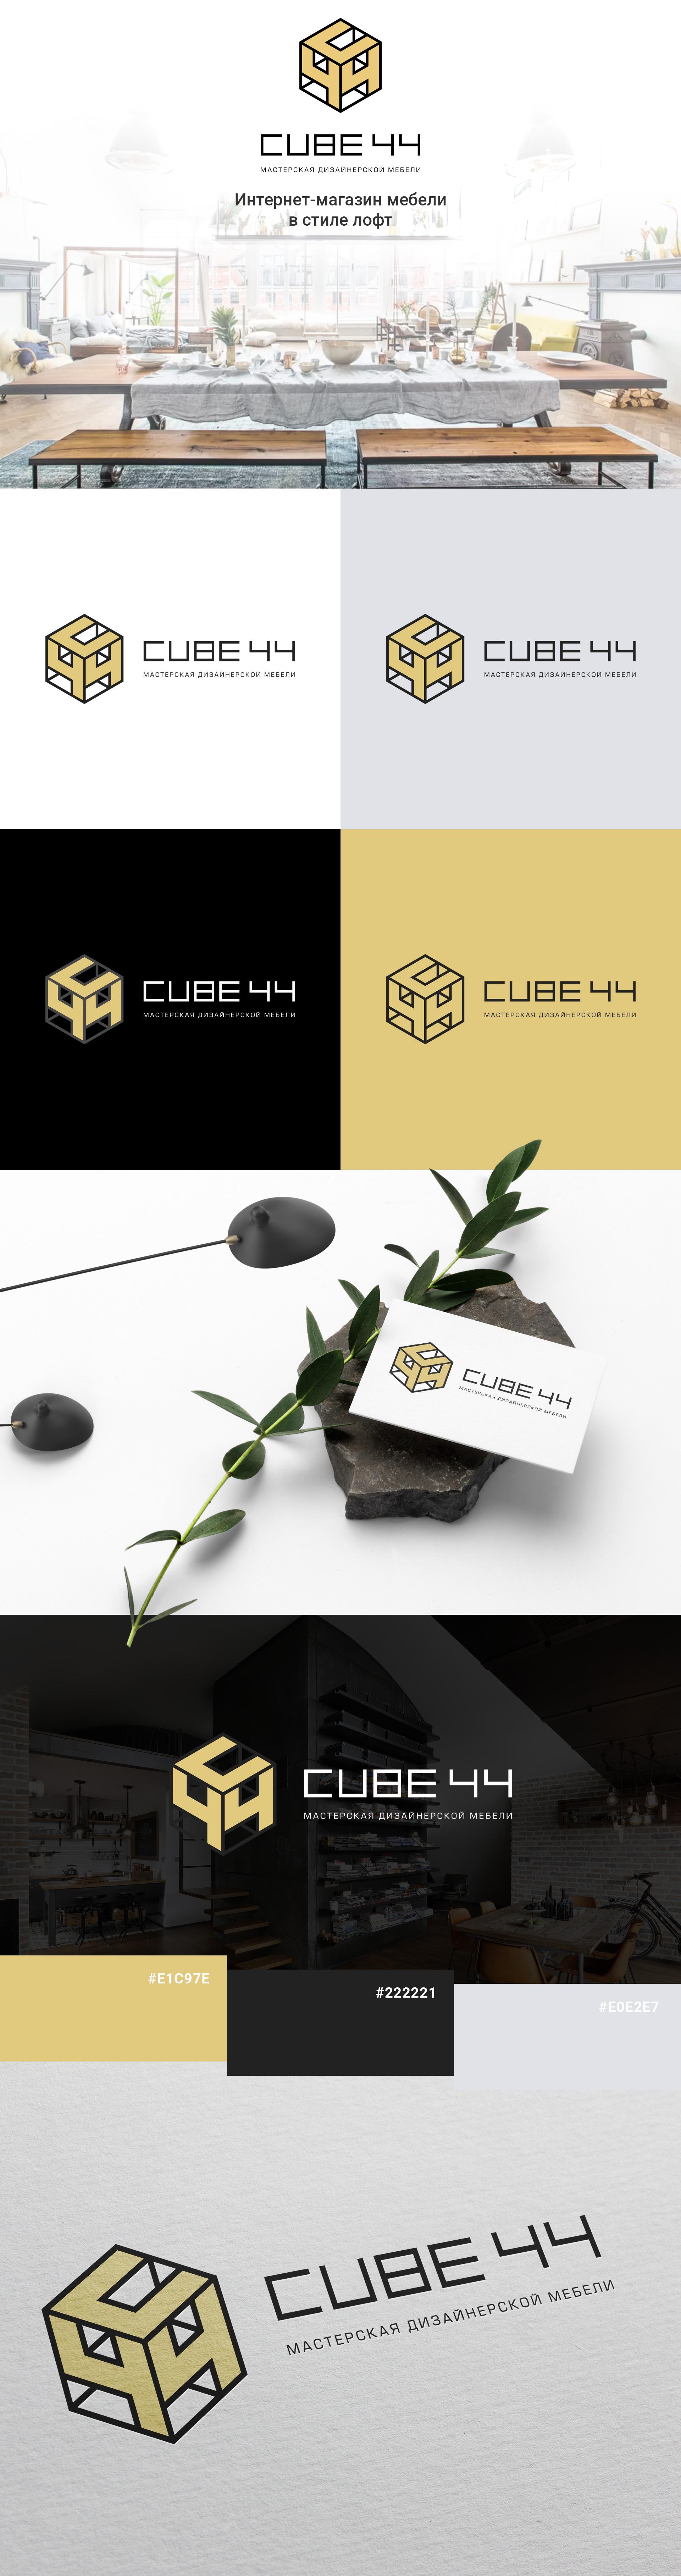 для мастерской дизайнерской мебели Cube44 для мастерской дизайнерской мебели Cube44